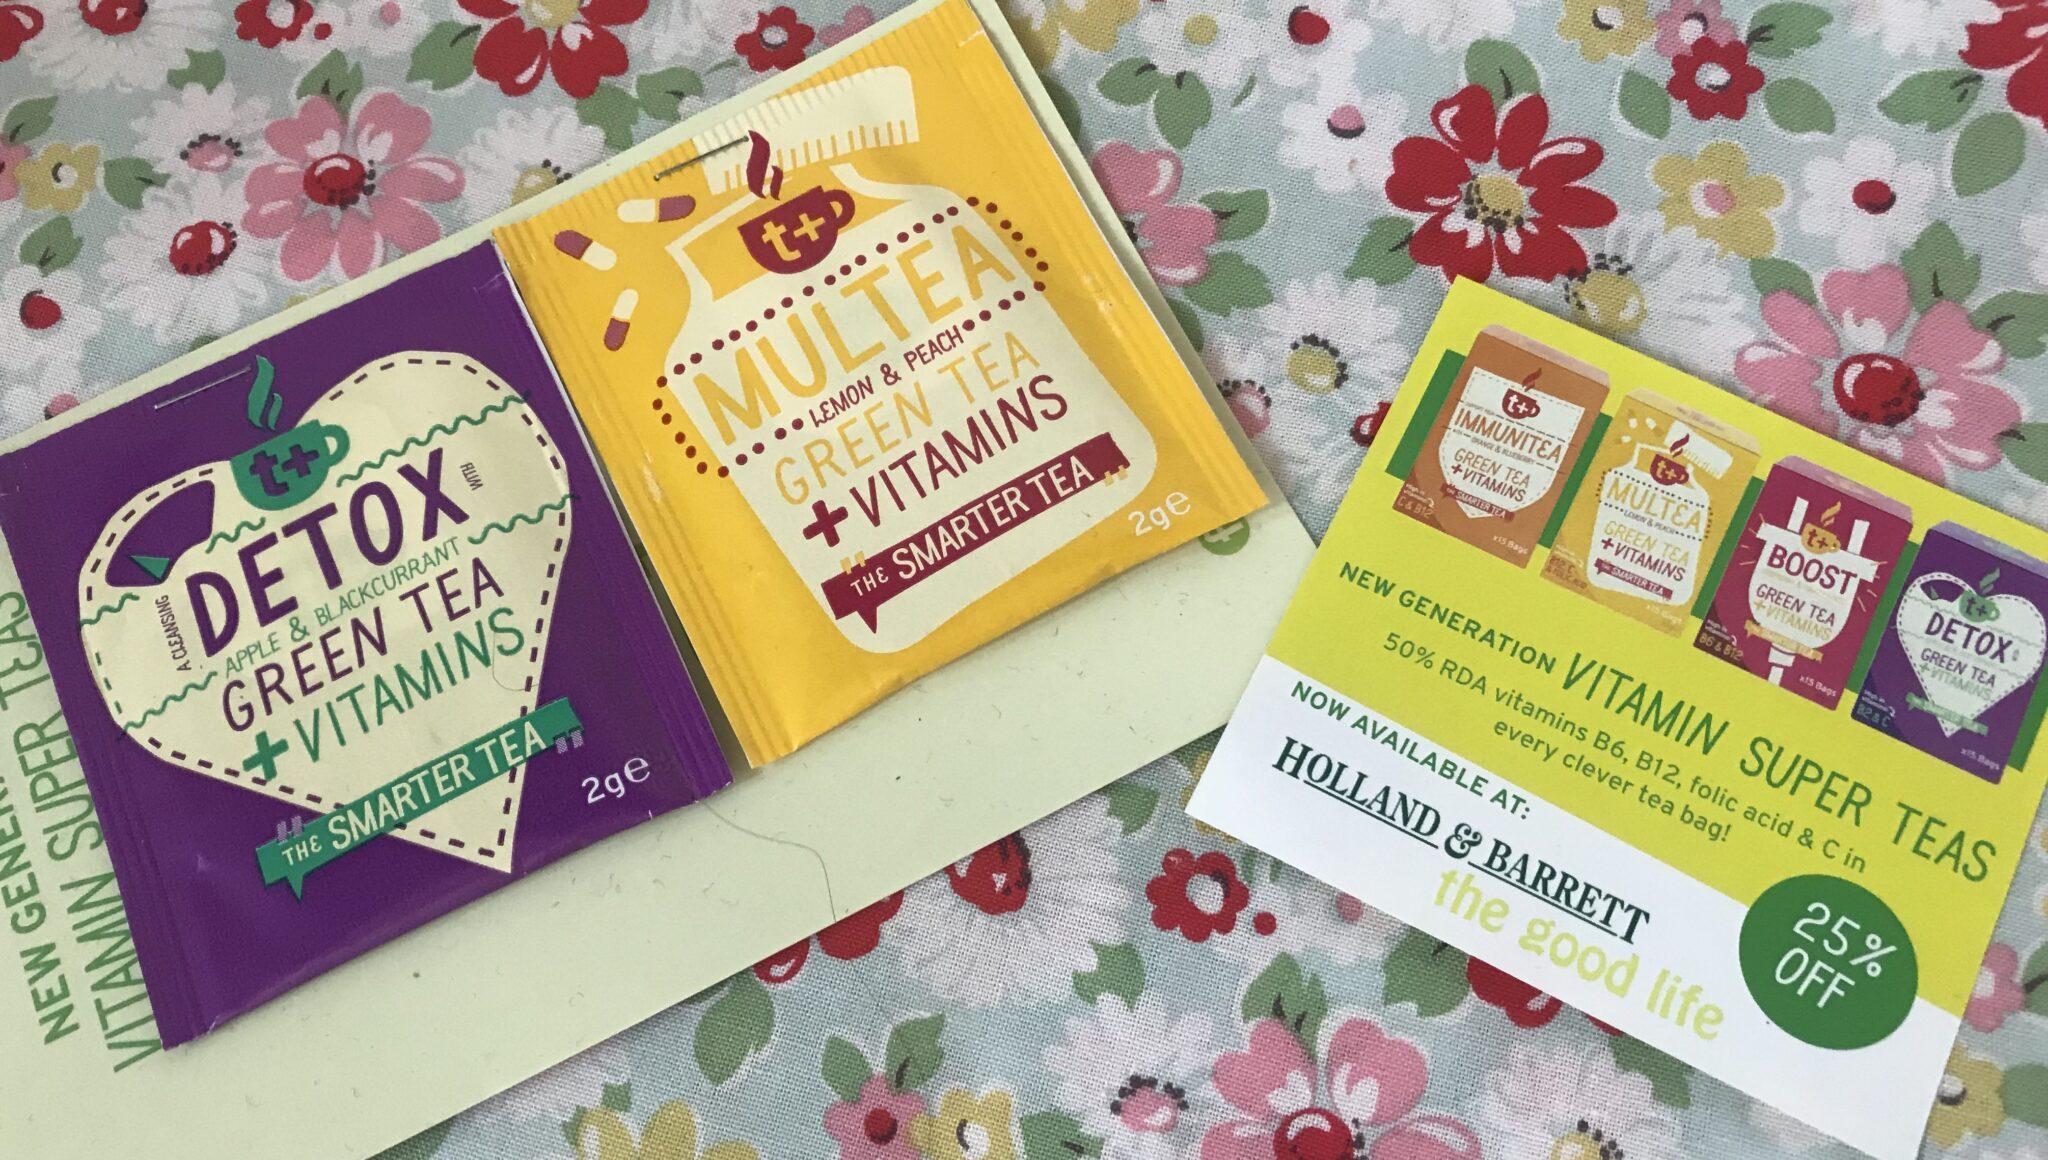 free detox tea samples